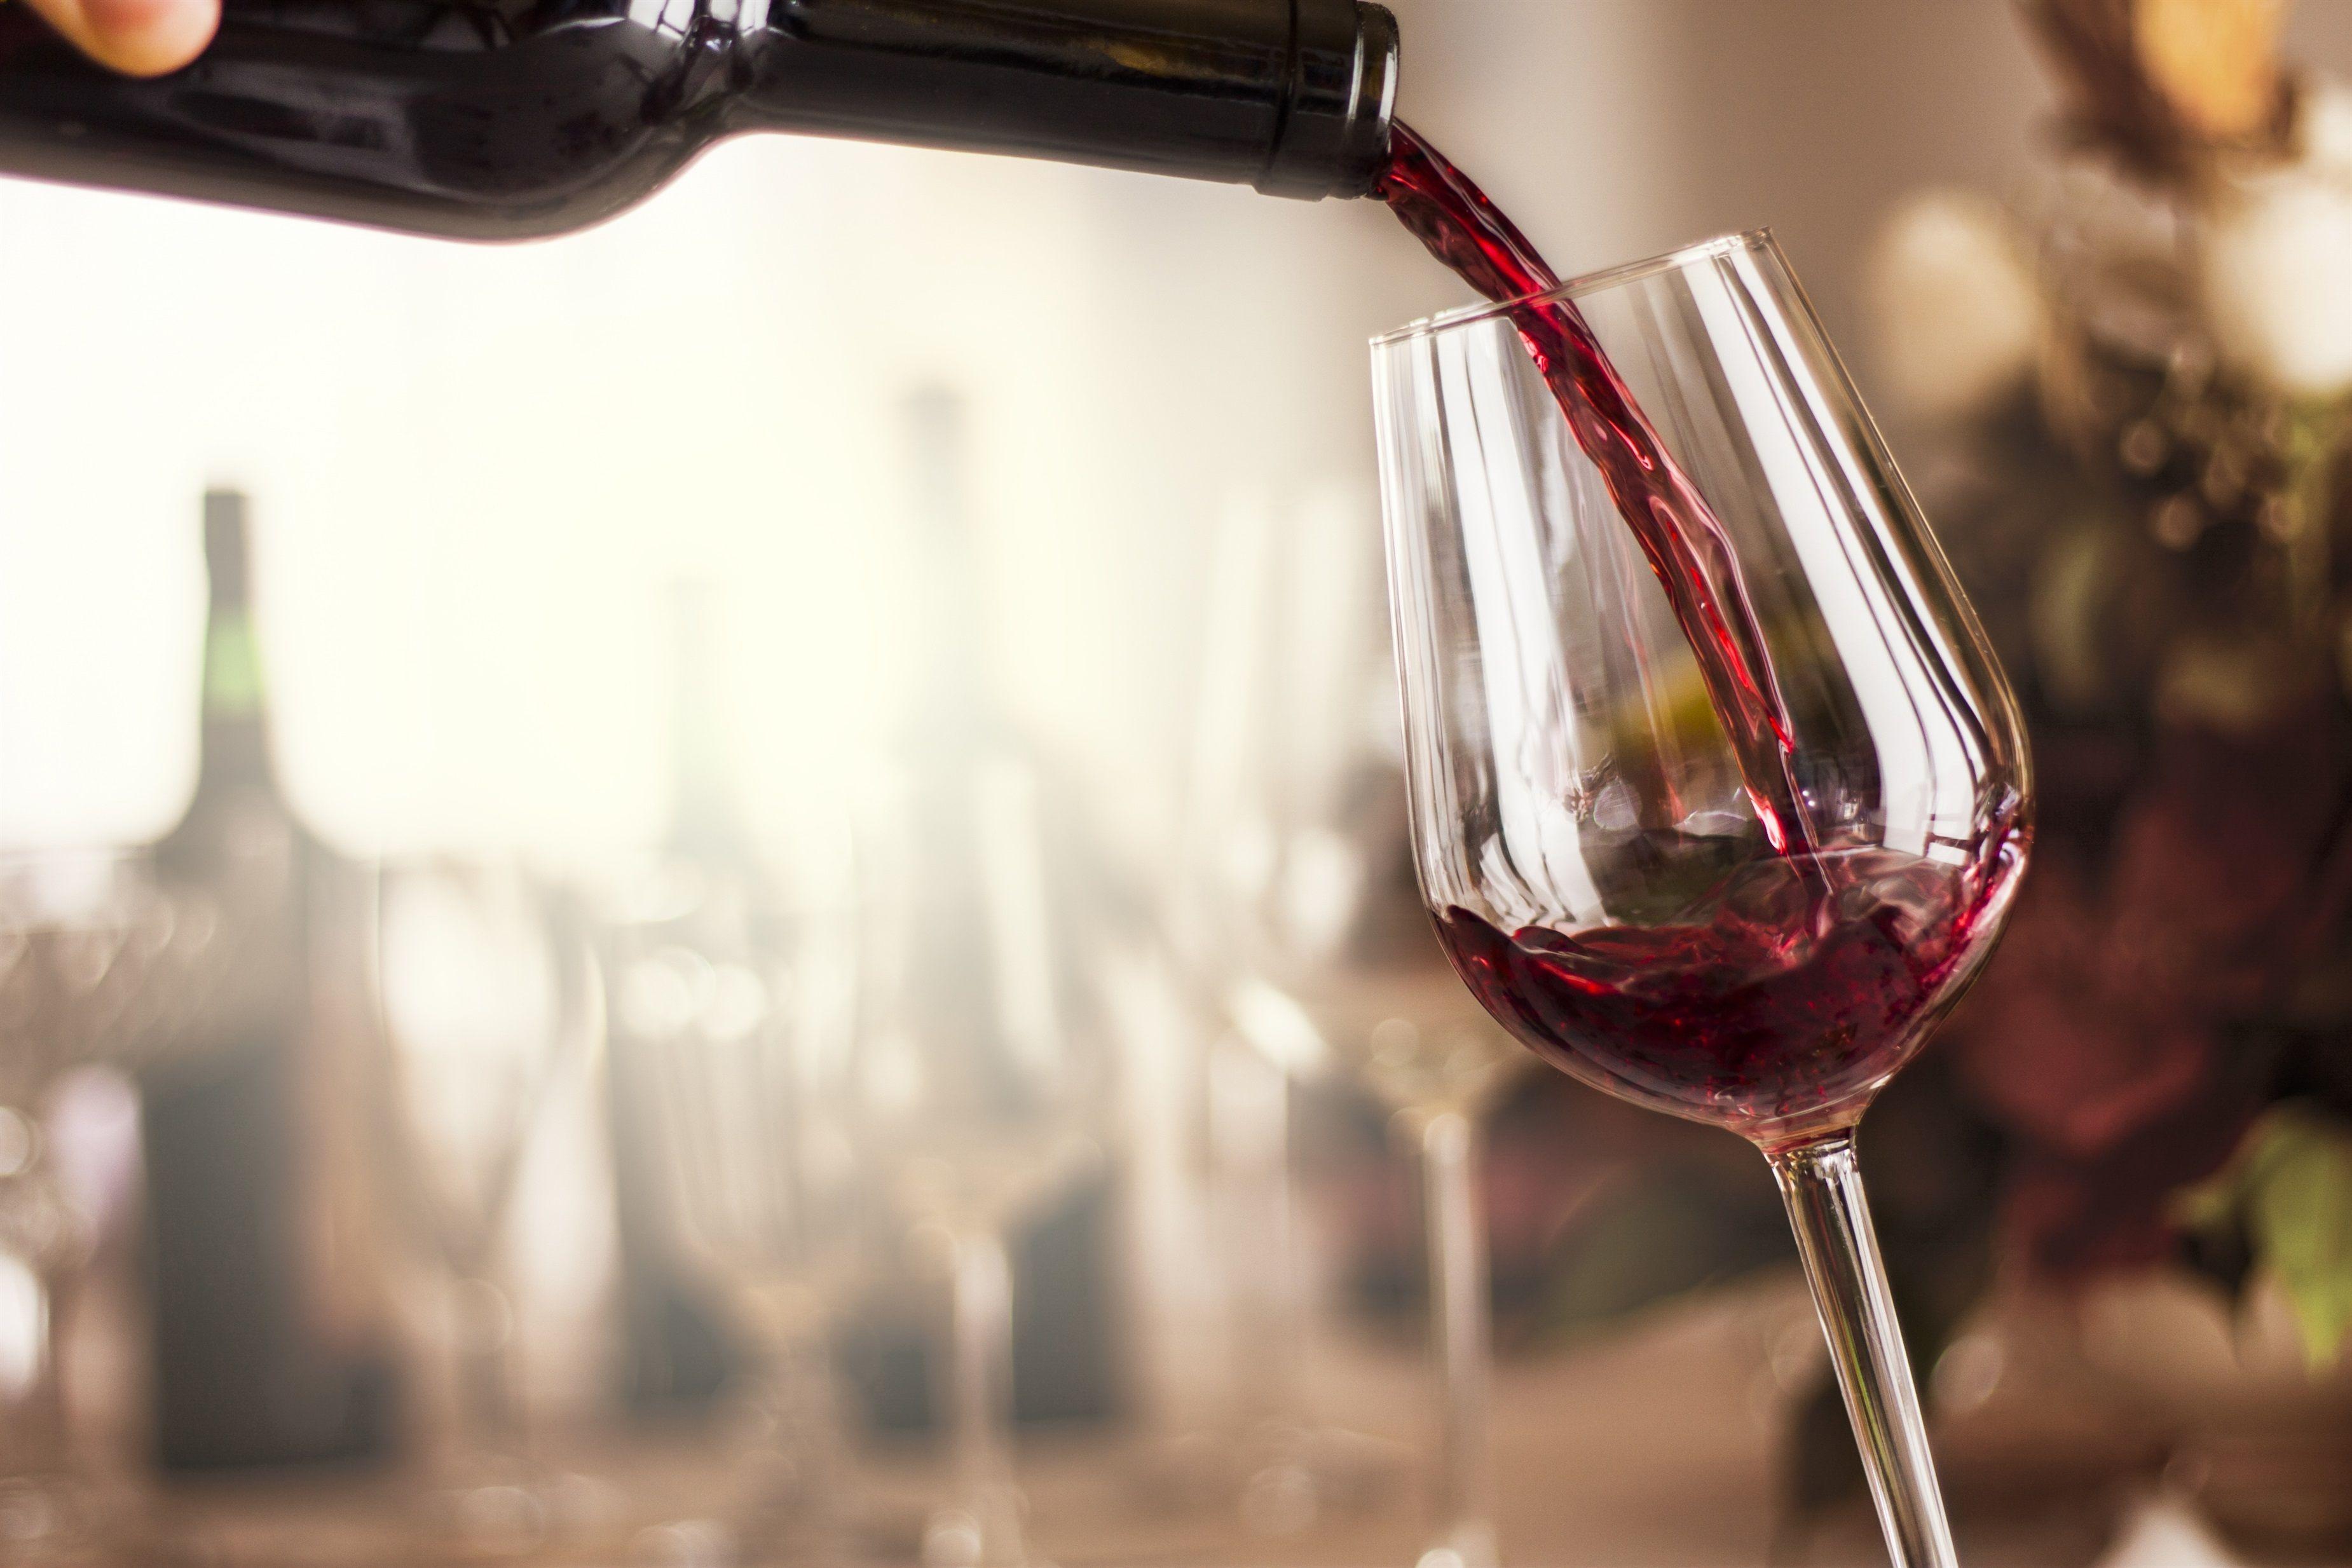 aproveitar um vinho em casa